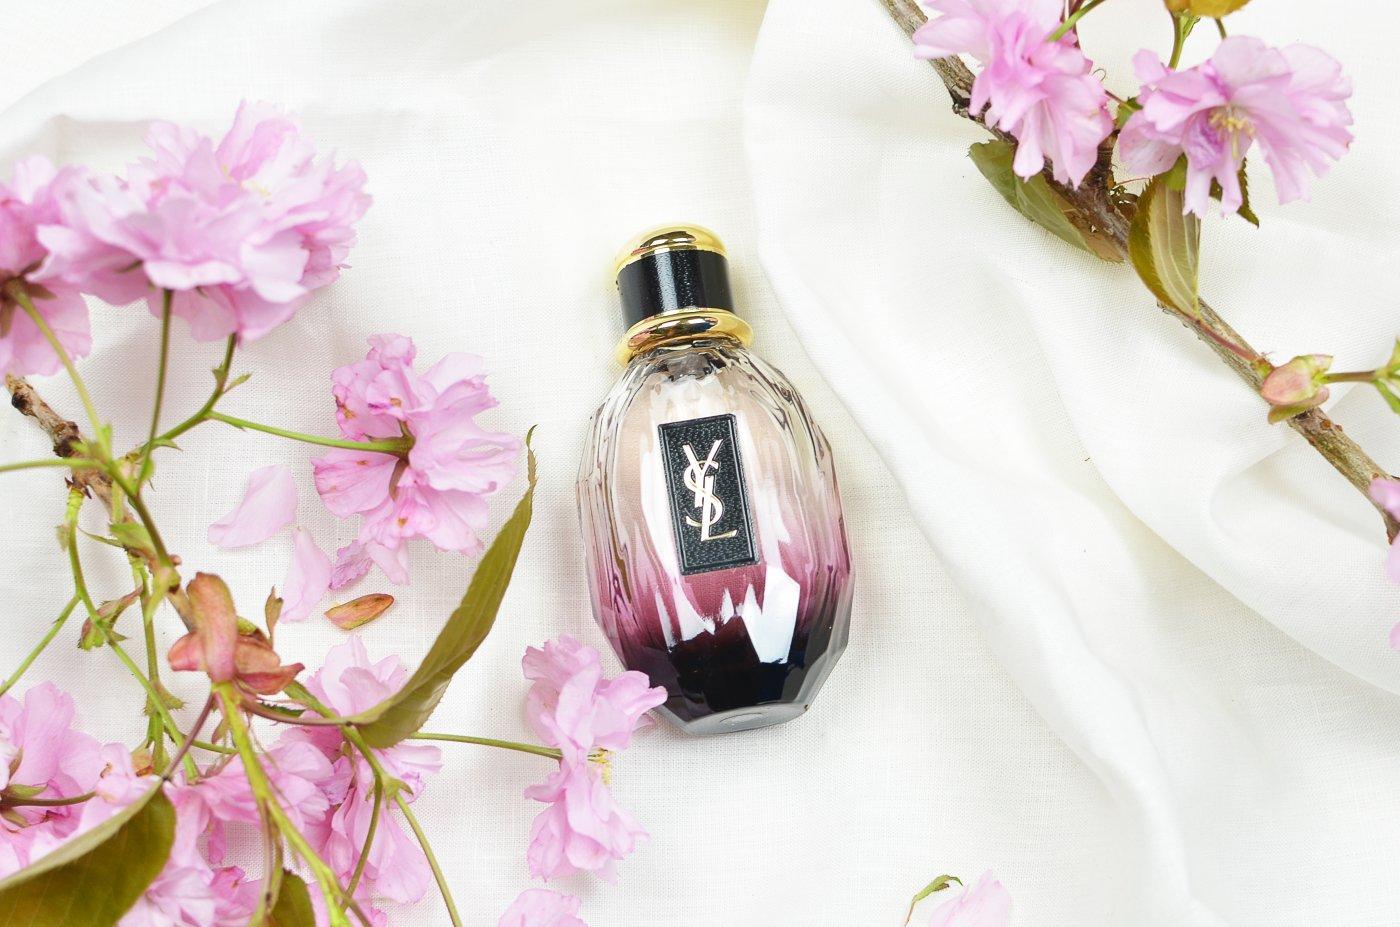 Zapach wspomnień - YSL Parisienne L'Essentiel (Yves Saint Laurent)